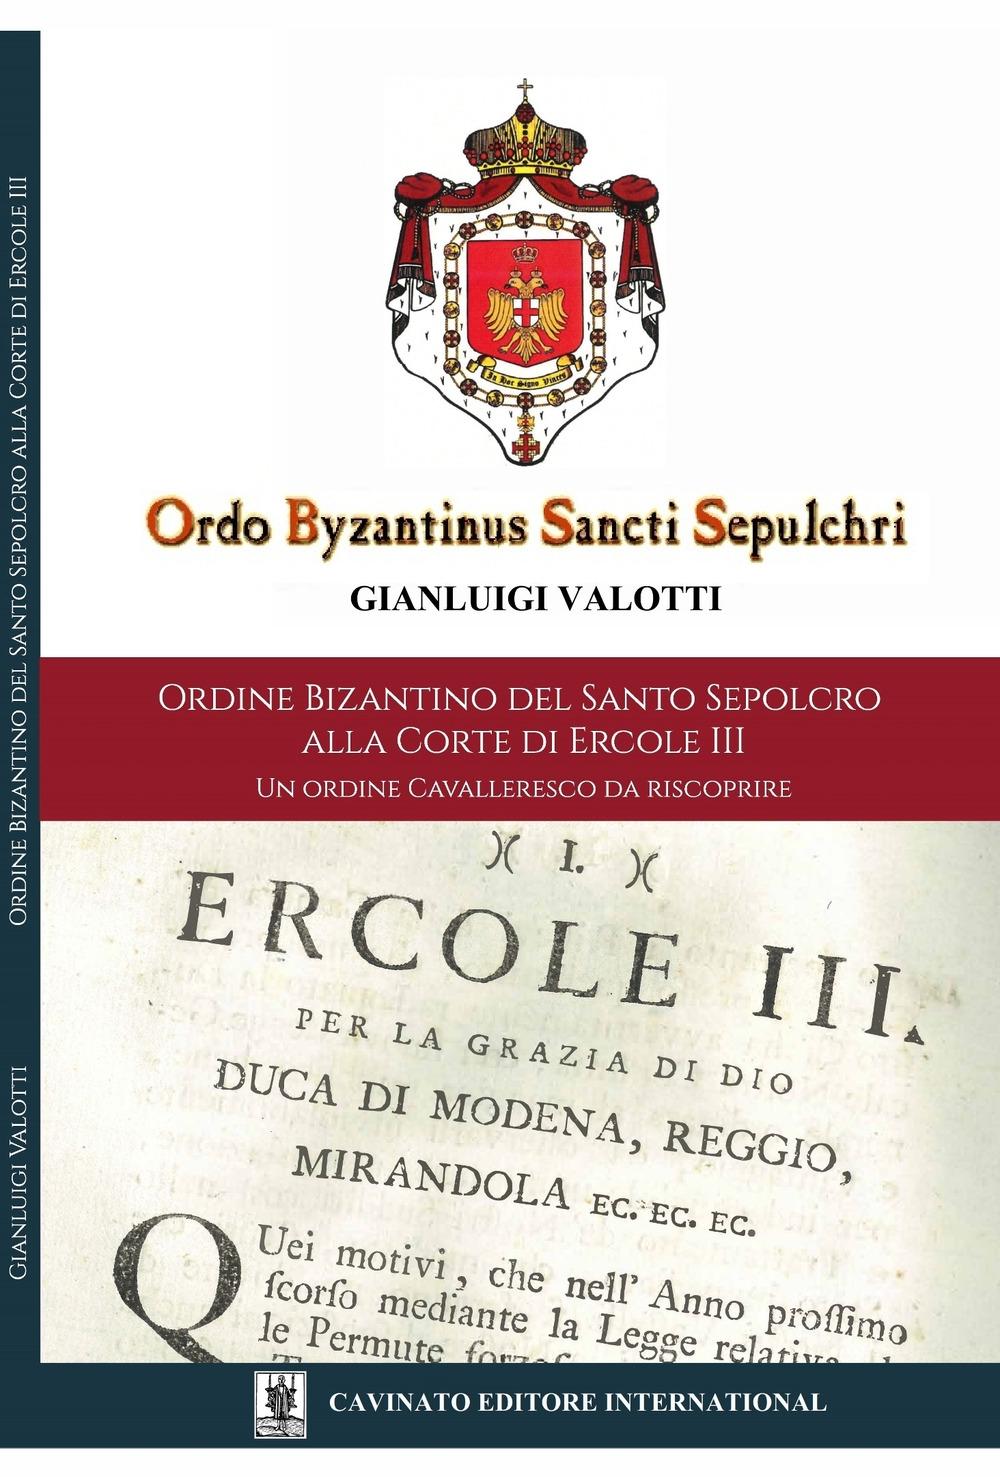 Ordine Bizantino del Santo Sepolcro alla corte di Ercole III. Un ordine cavalleresco da riscoprire